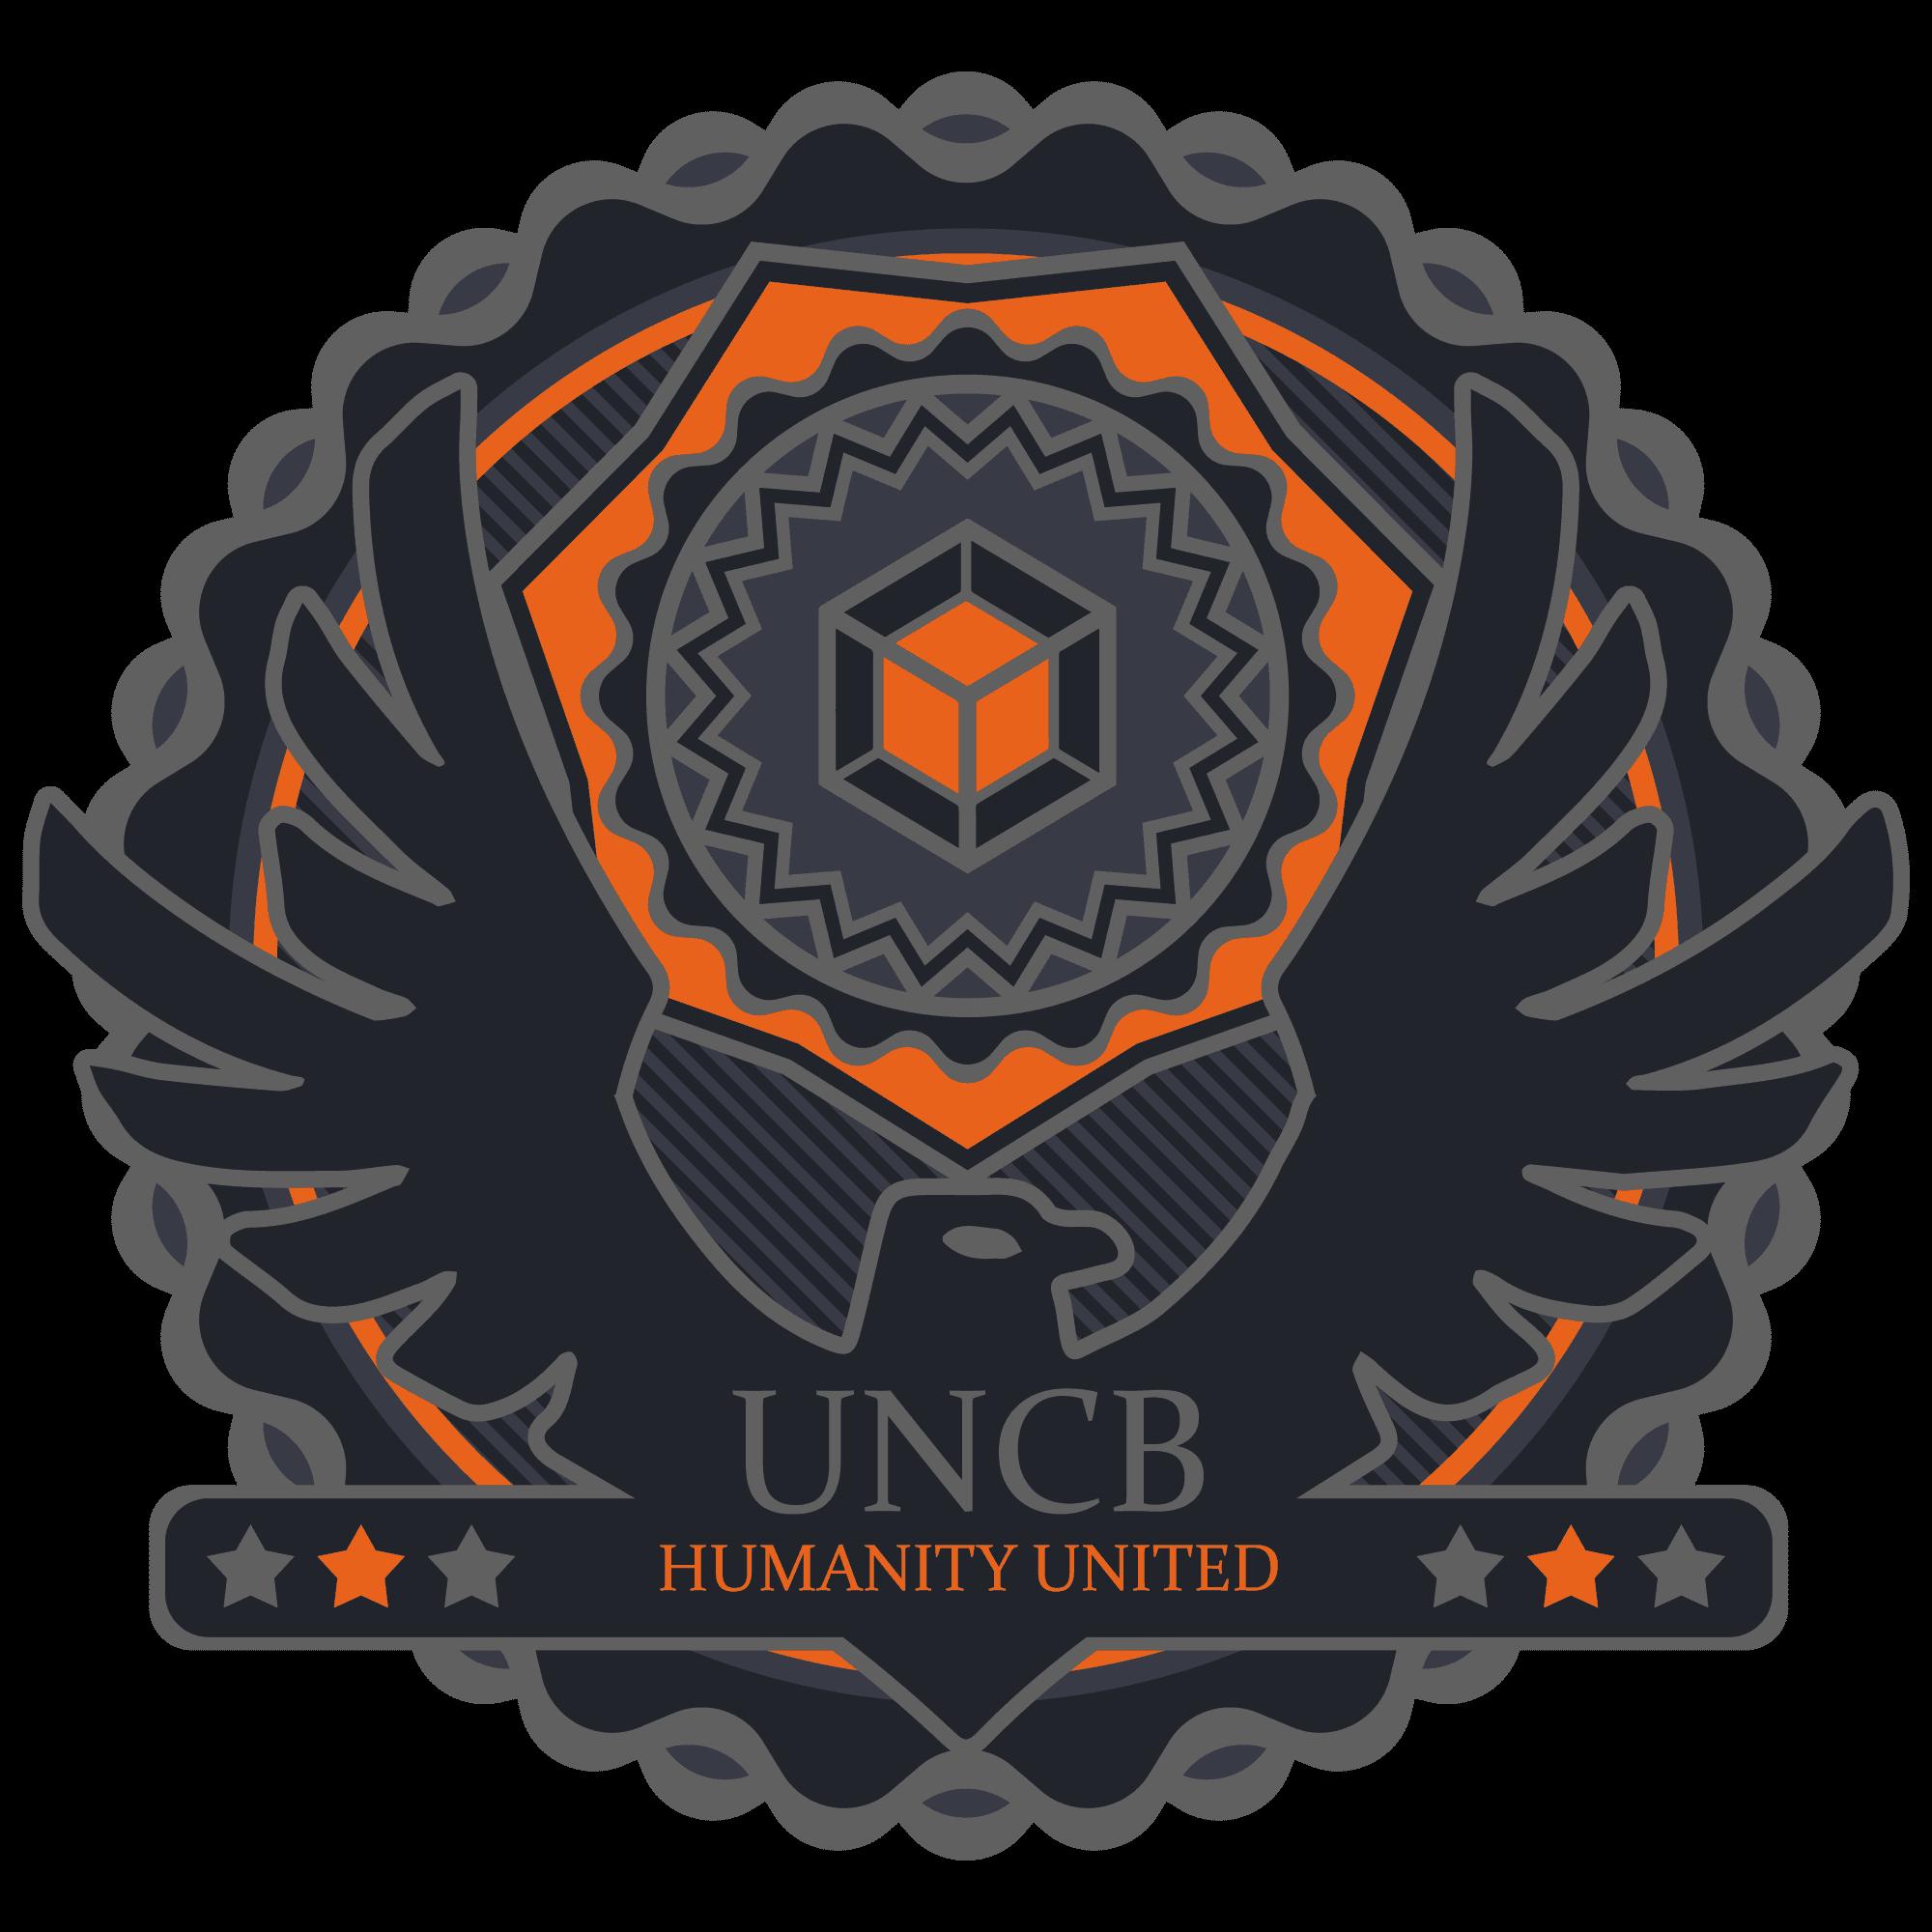 uncb-crest-optimized.png